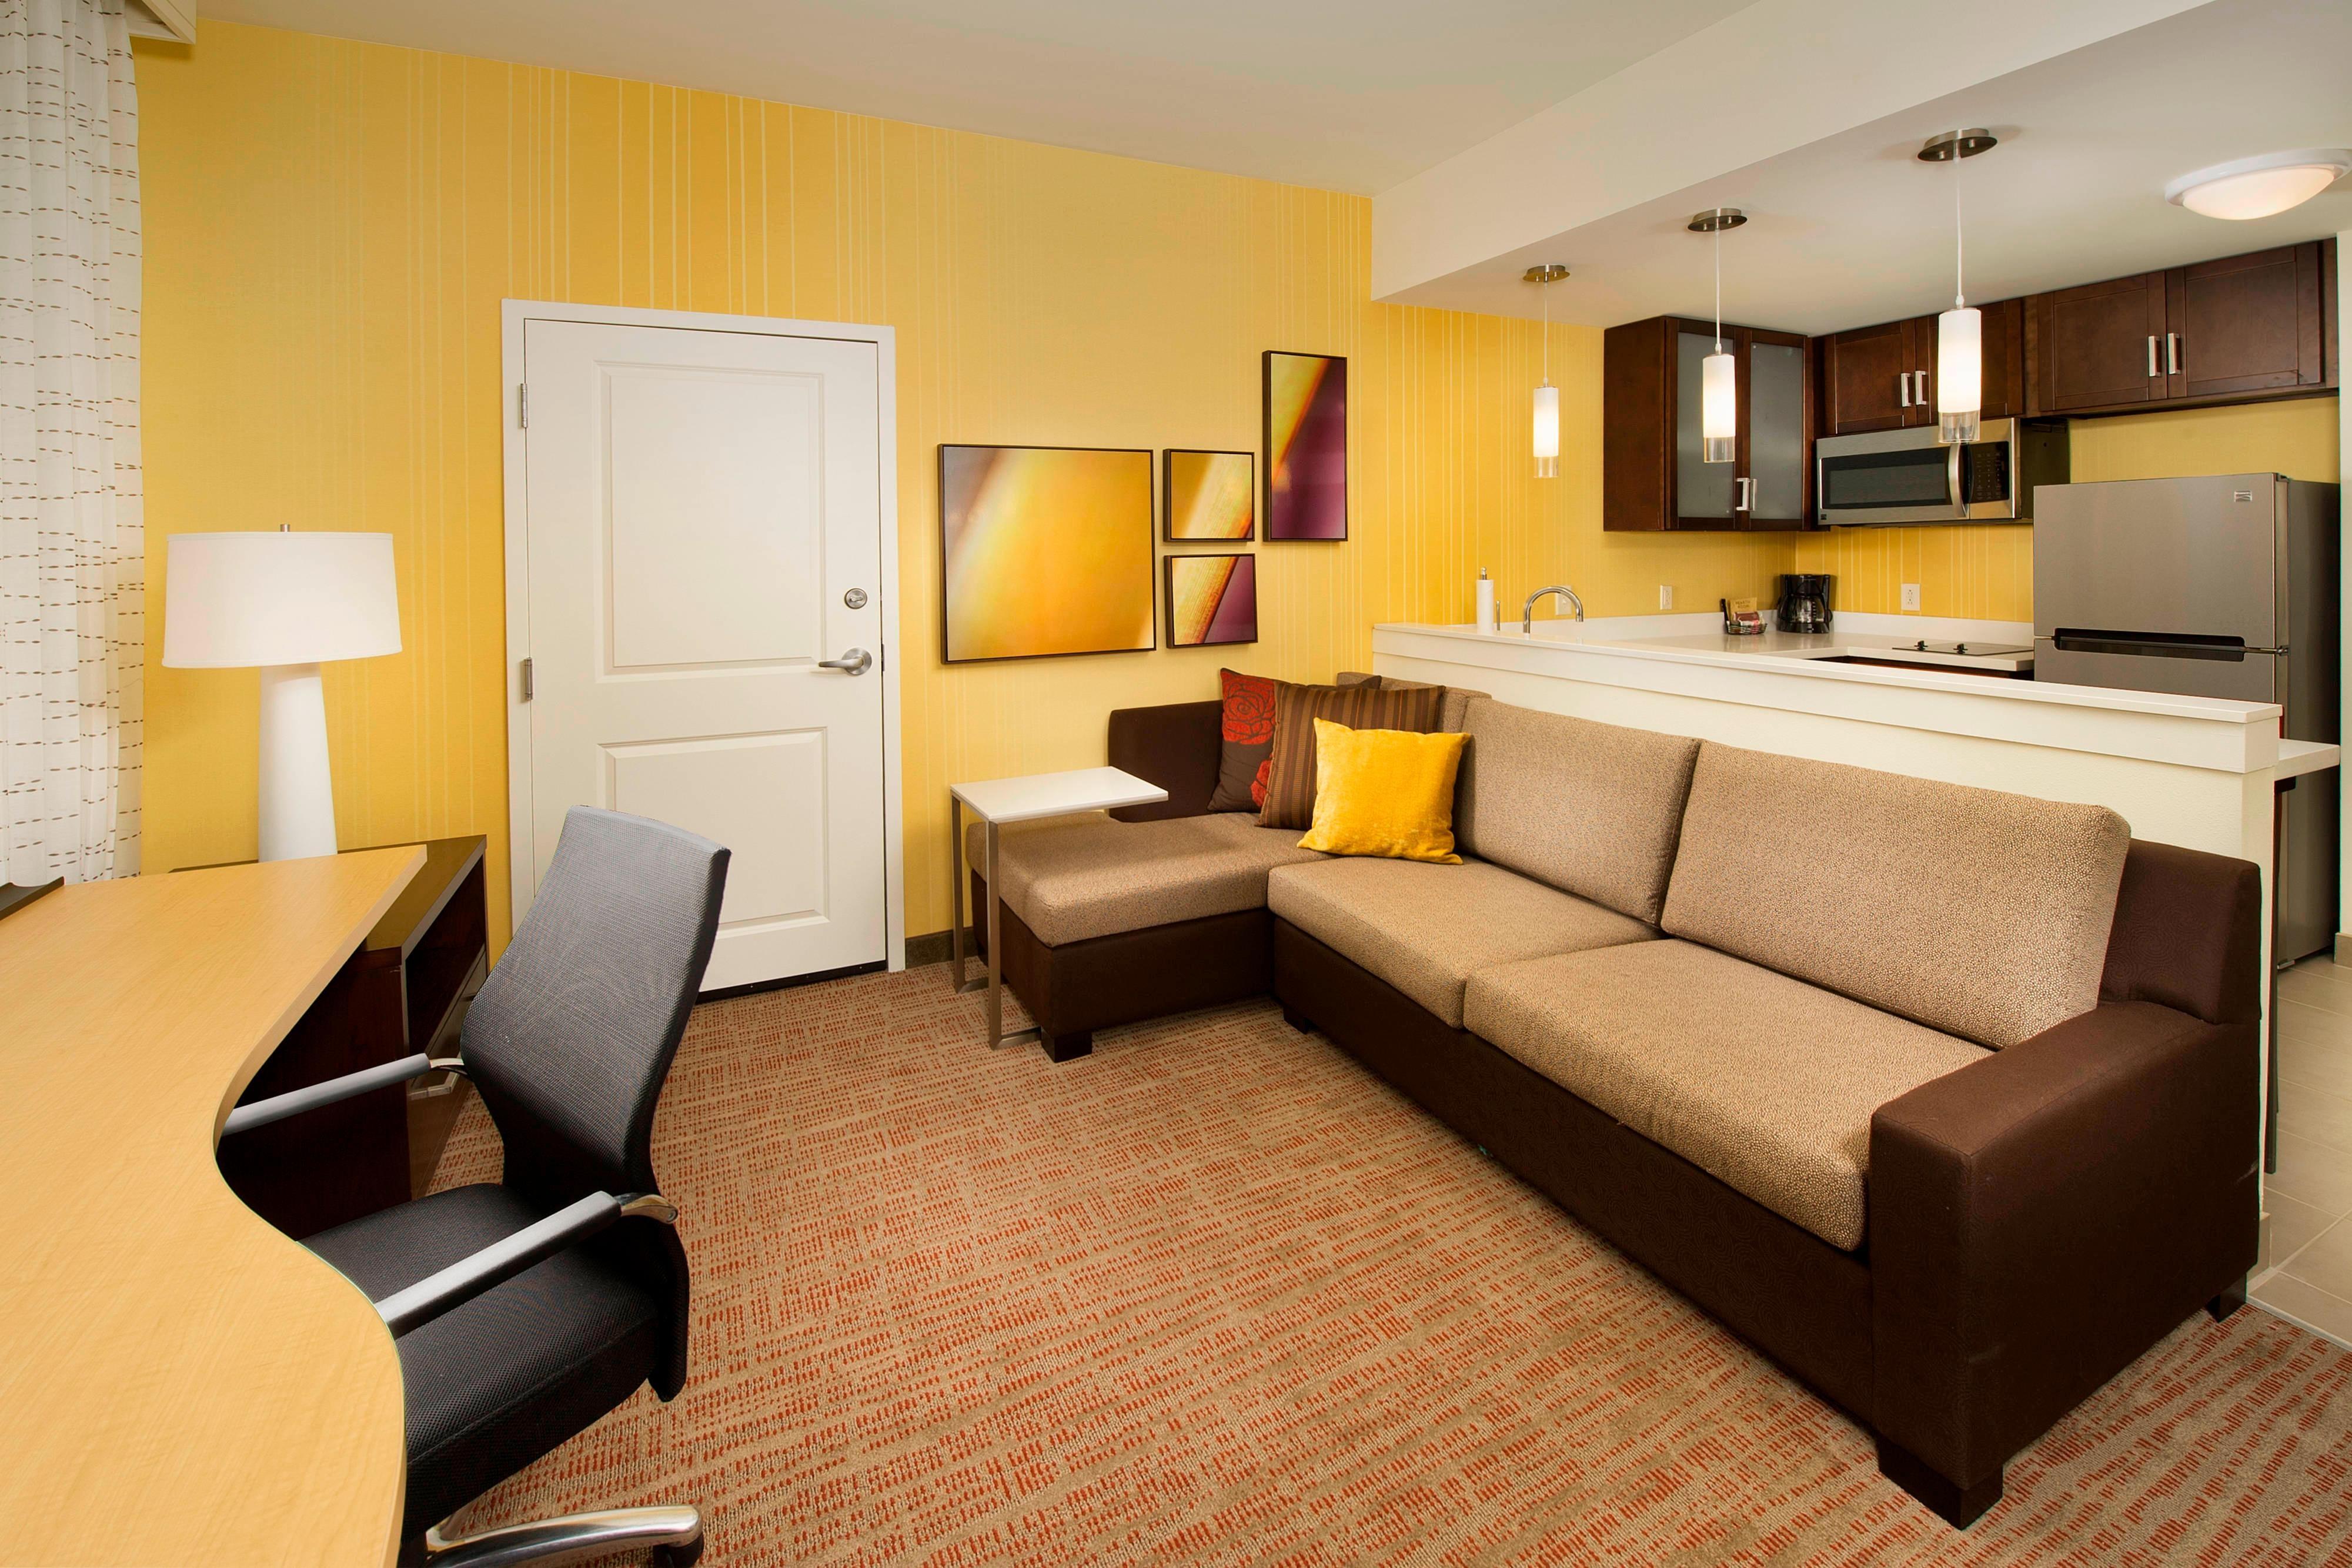 Murfreesboro Residence Studio Suite